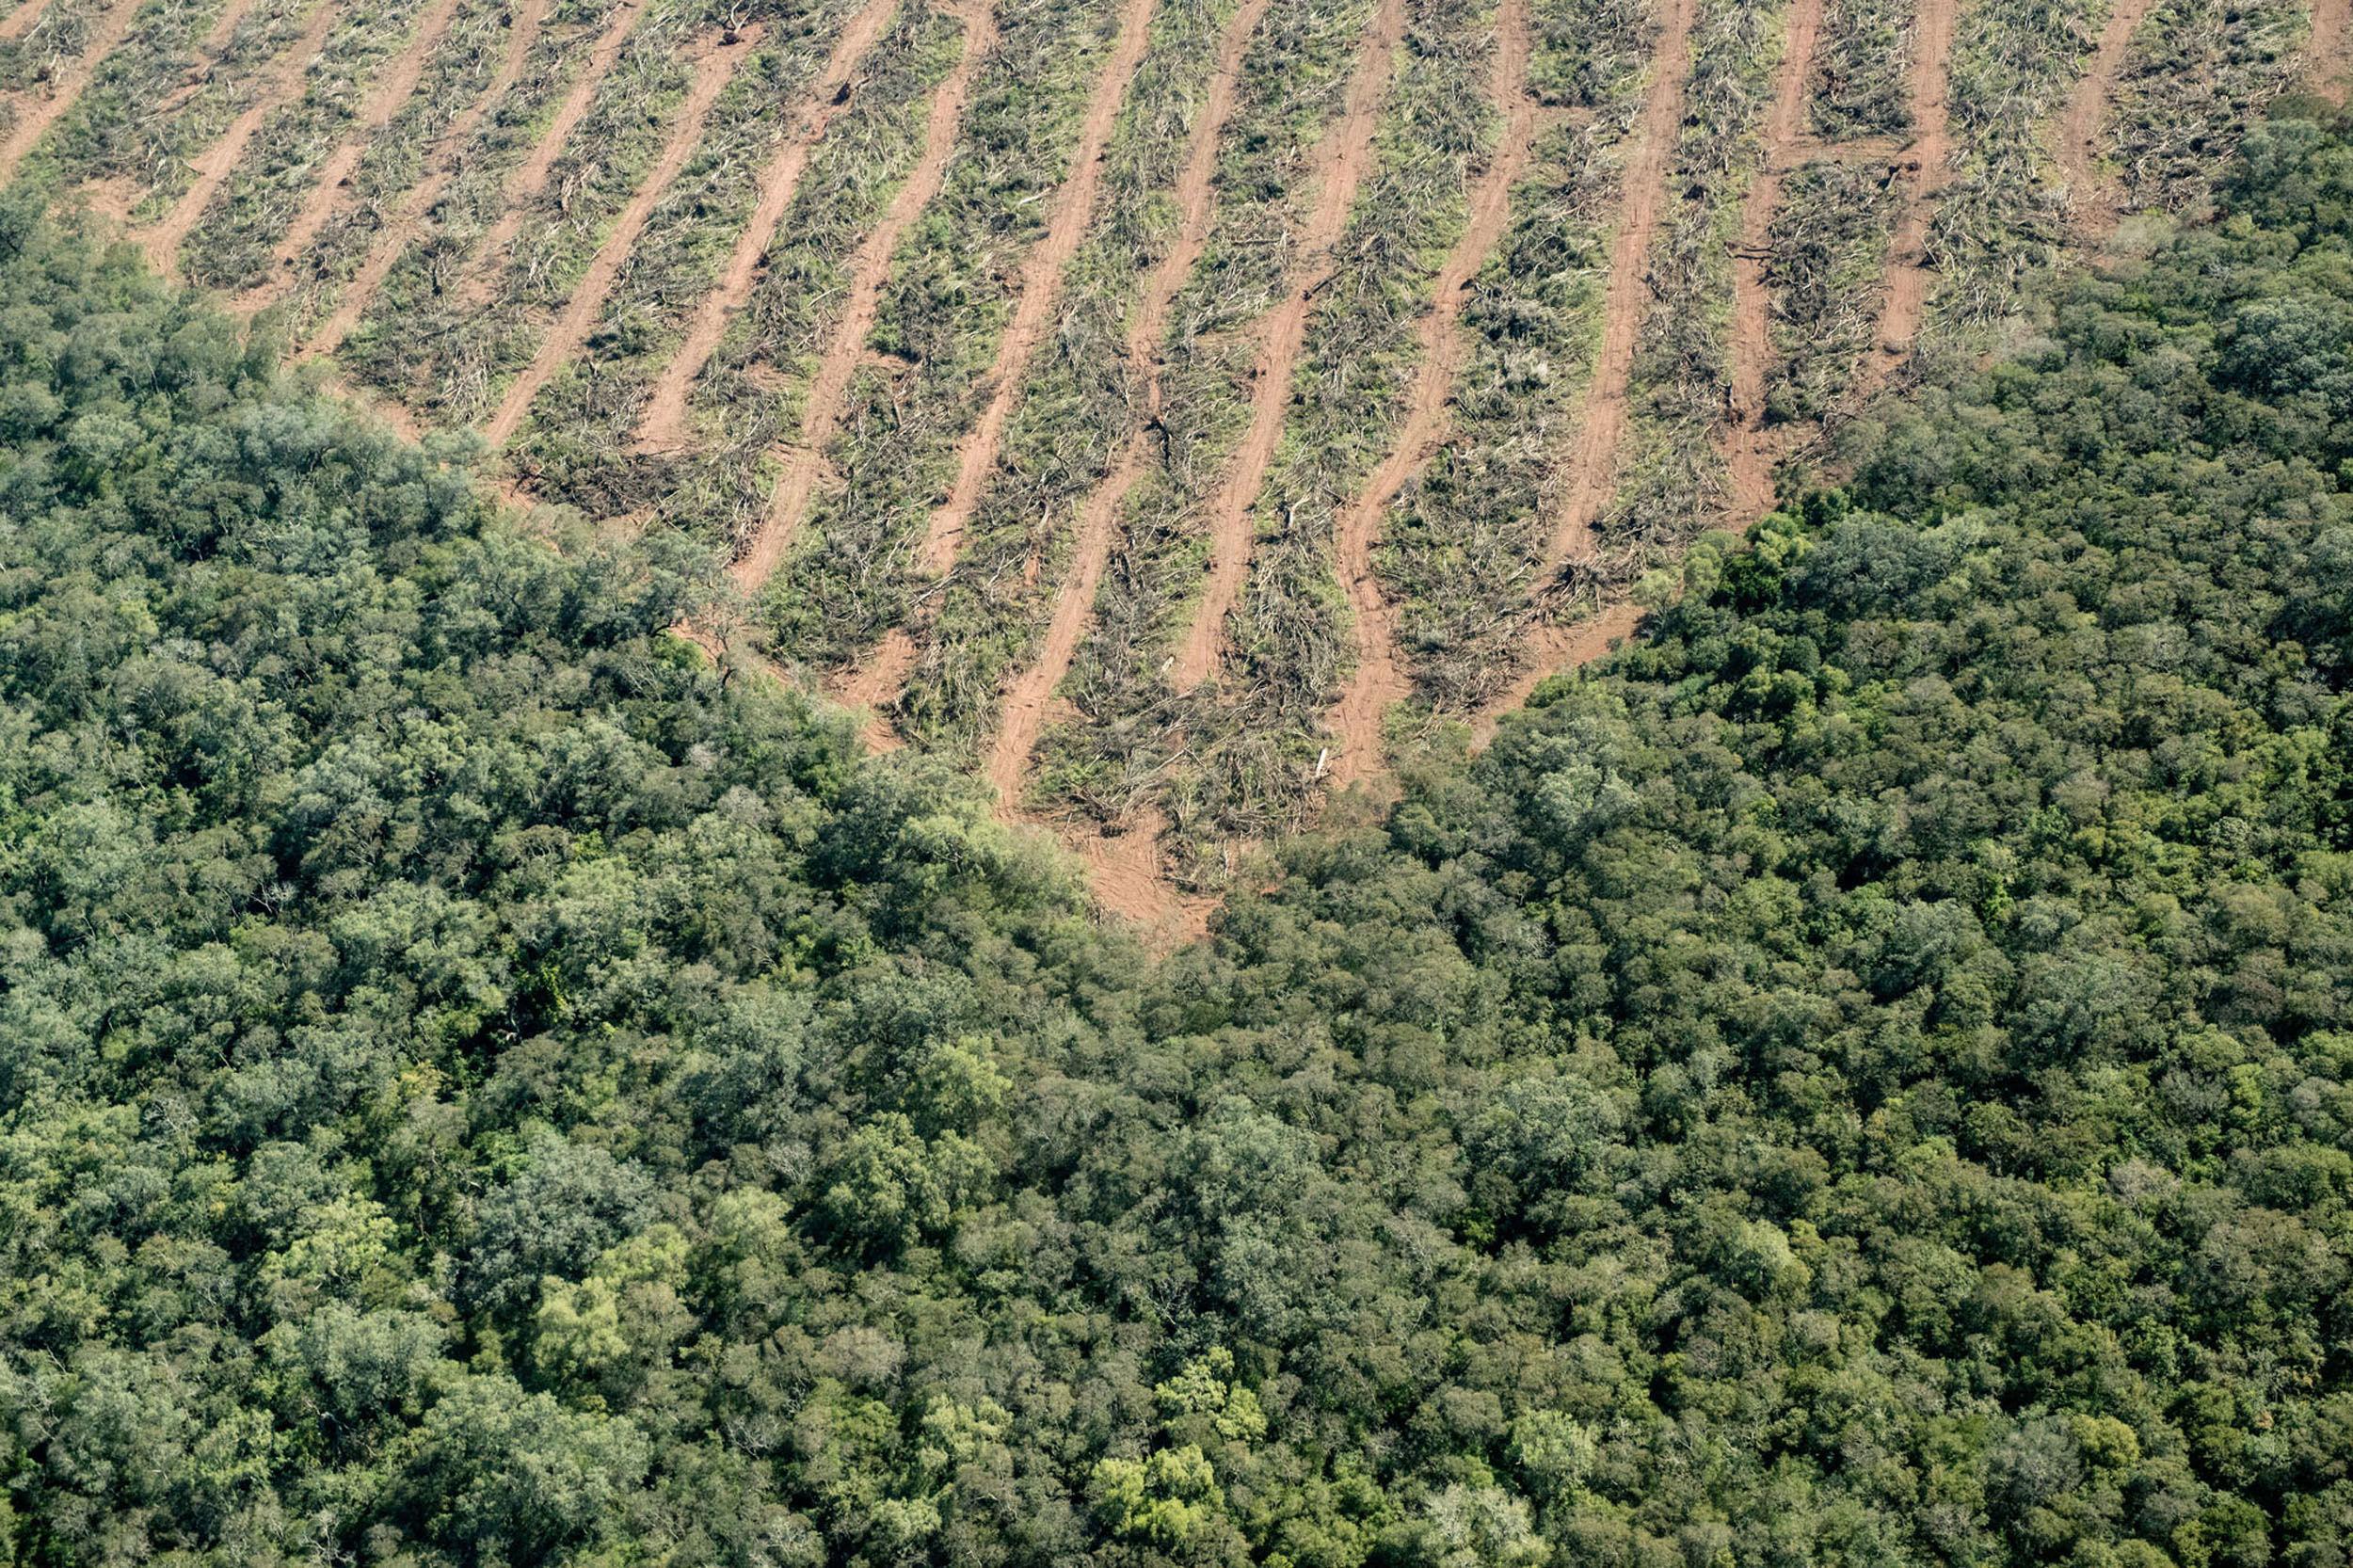 El estado de los bosques: cómo llegamos hasta aquí y cómo revertir la deforestación